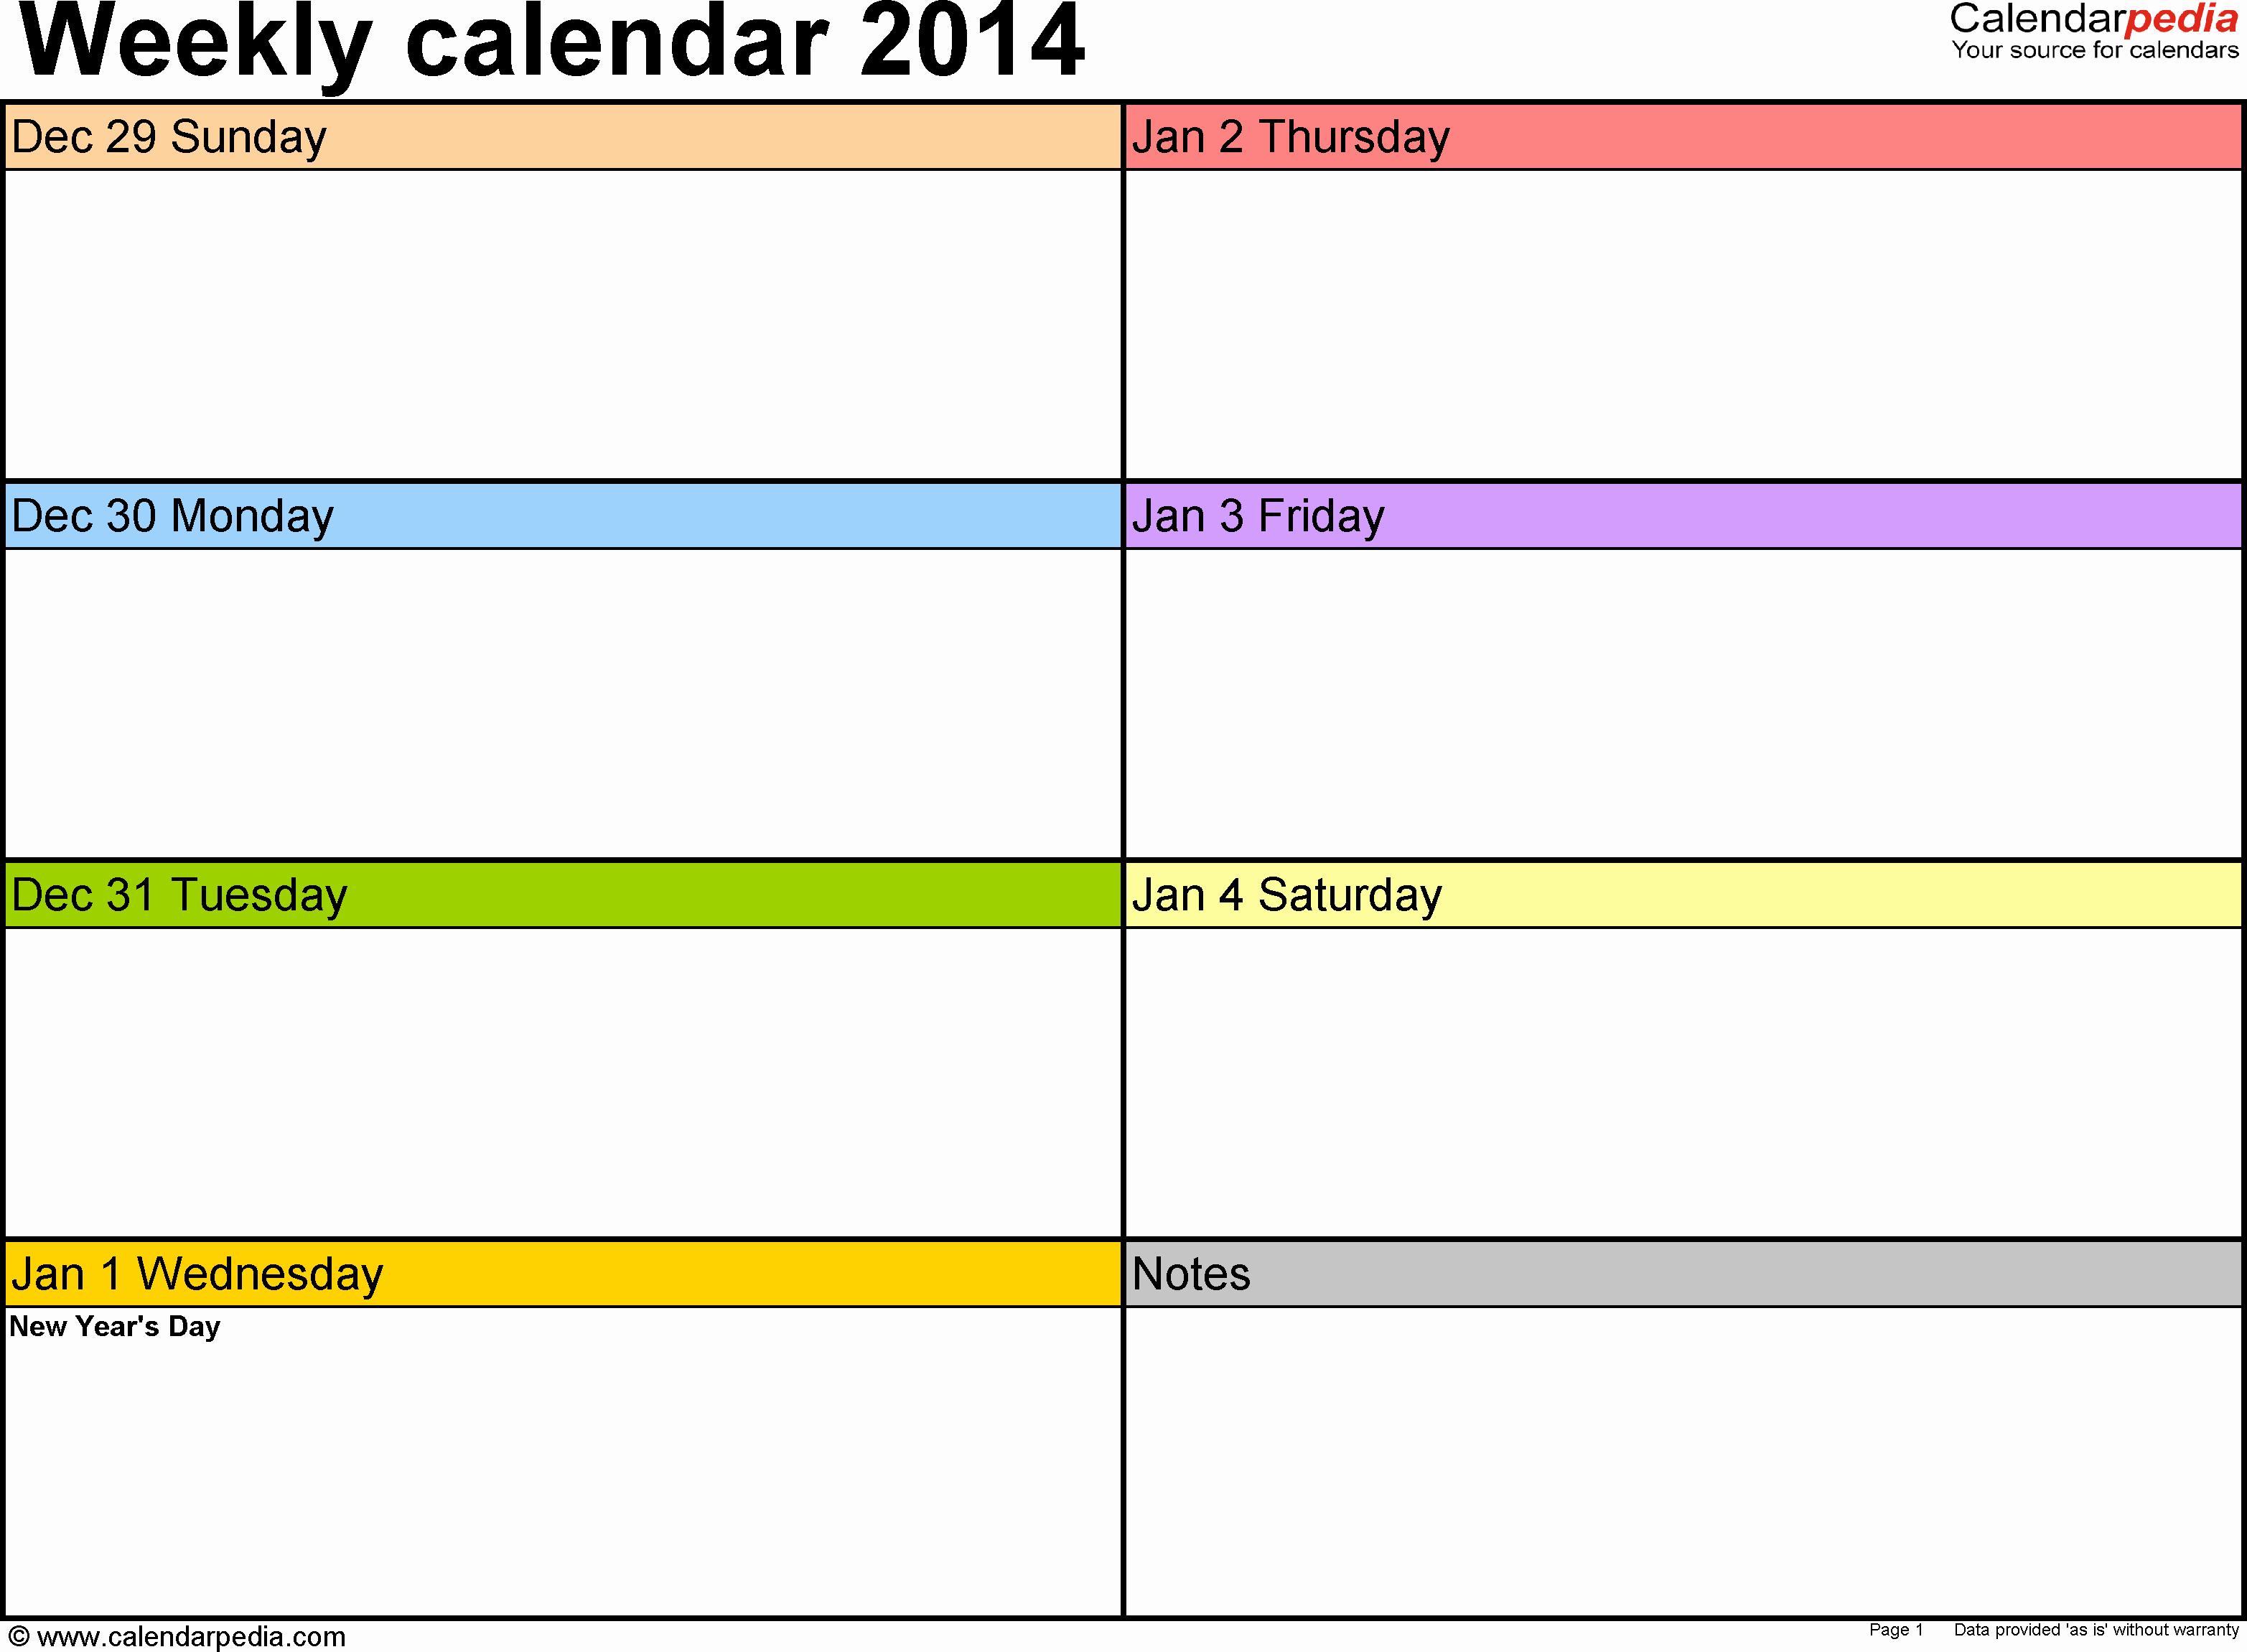 One Week Schedule Template Elegant Weekly Calendar 2014 for Pdf 4 Free Printable Templates